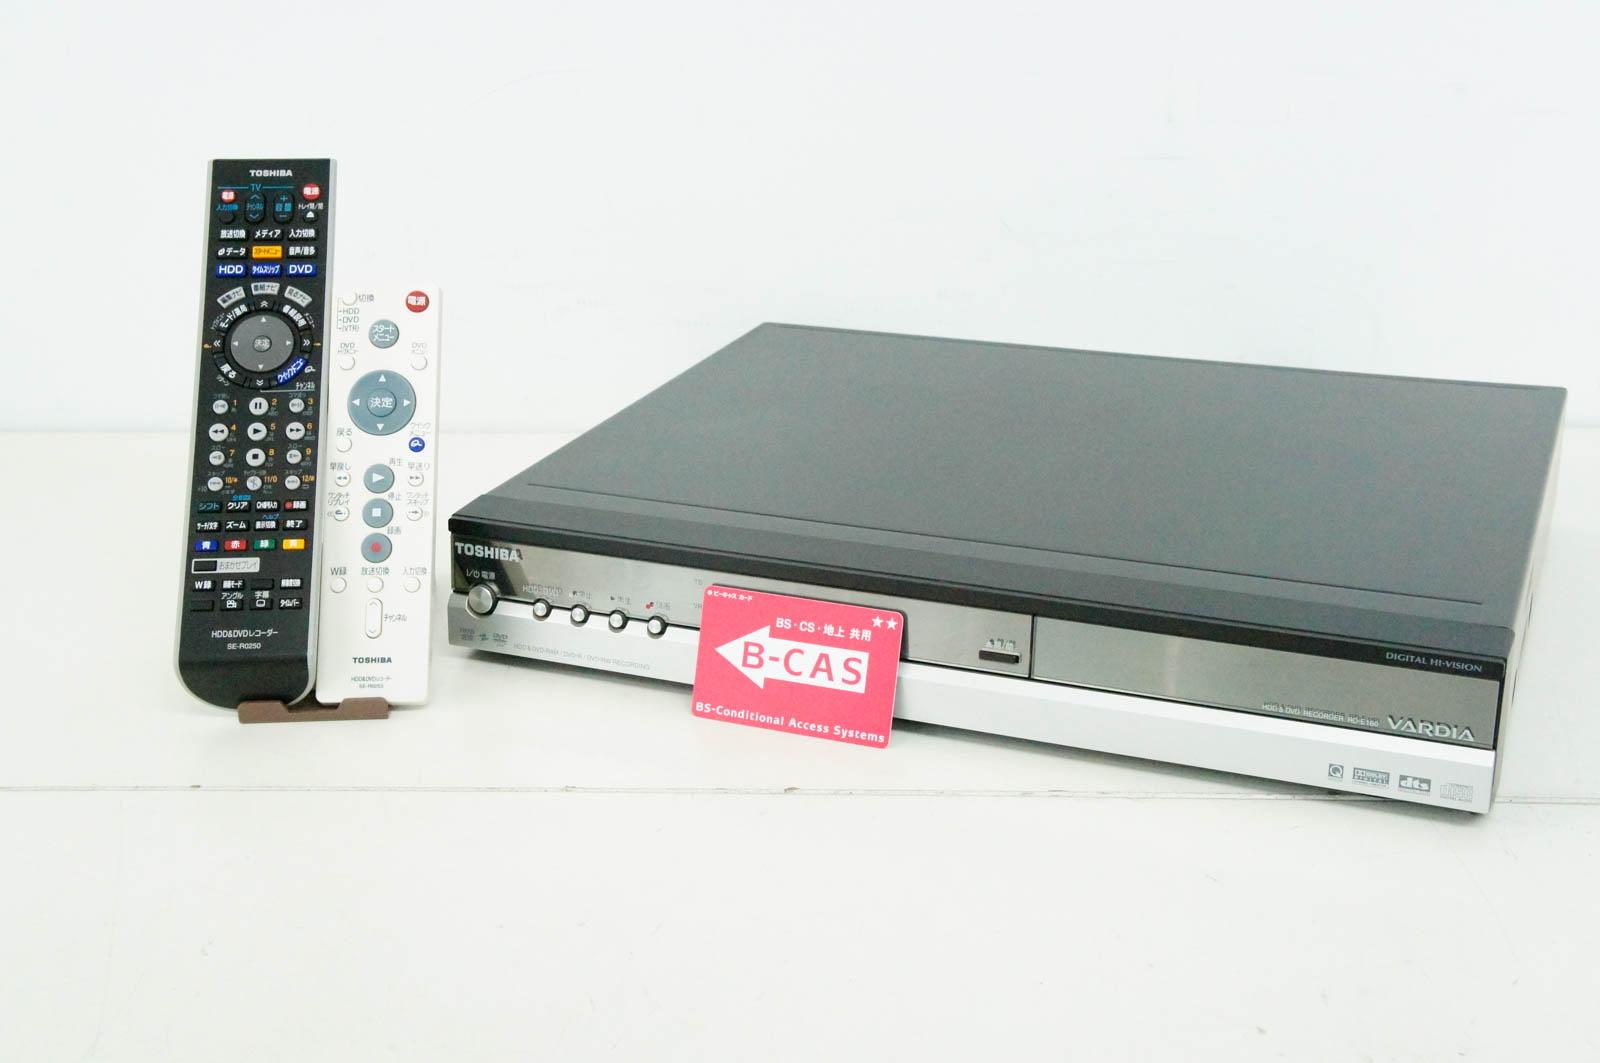 【中古】東芝TOSHIBA DVDレコーダー HDD160GB DVD-RAM/-R/-RW/-R DL 地上デジタルチューナー搭載 RD-E160